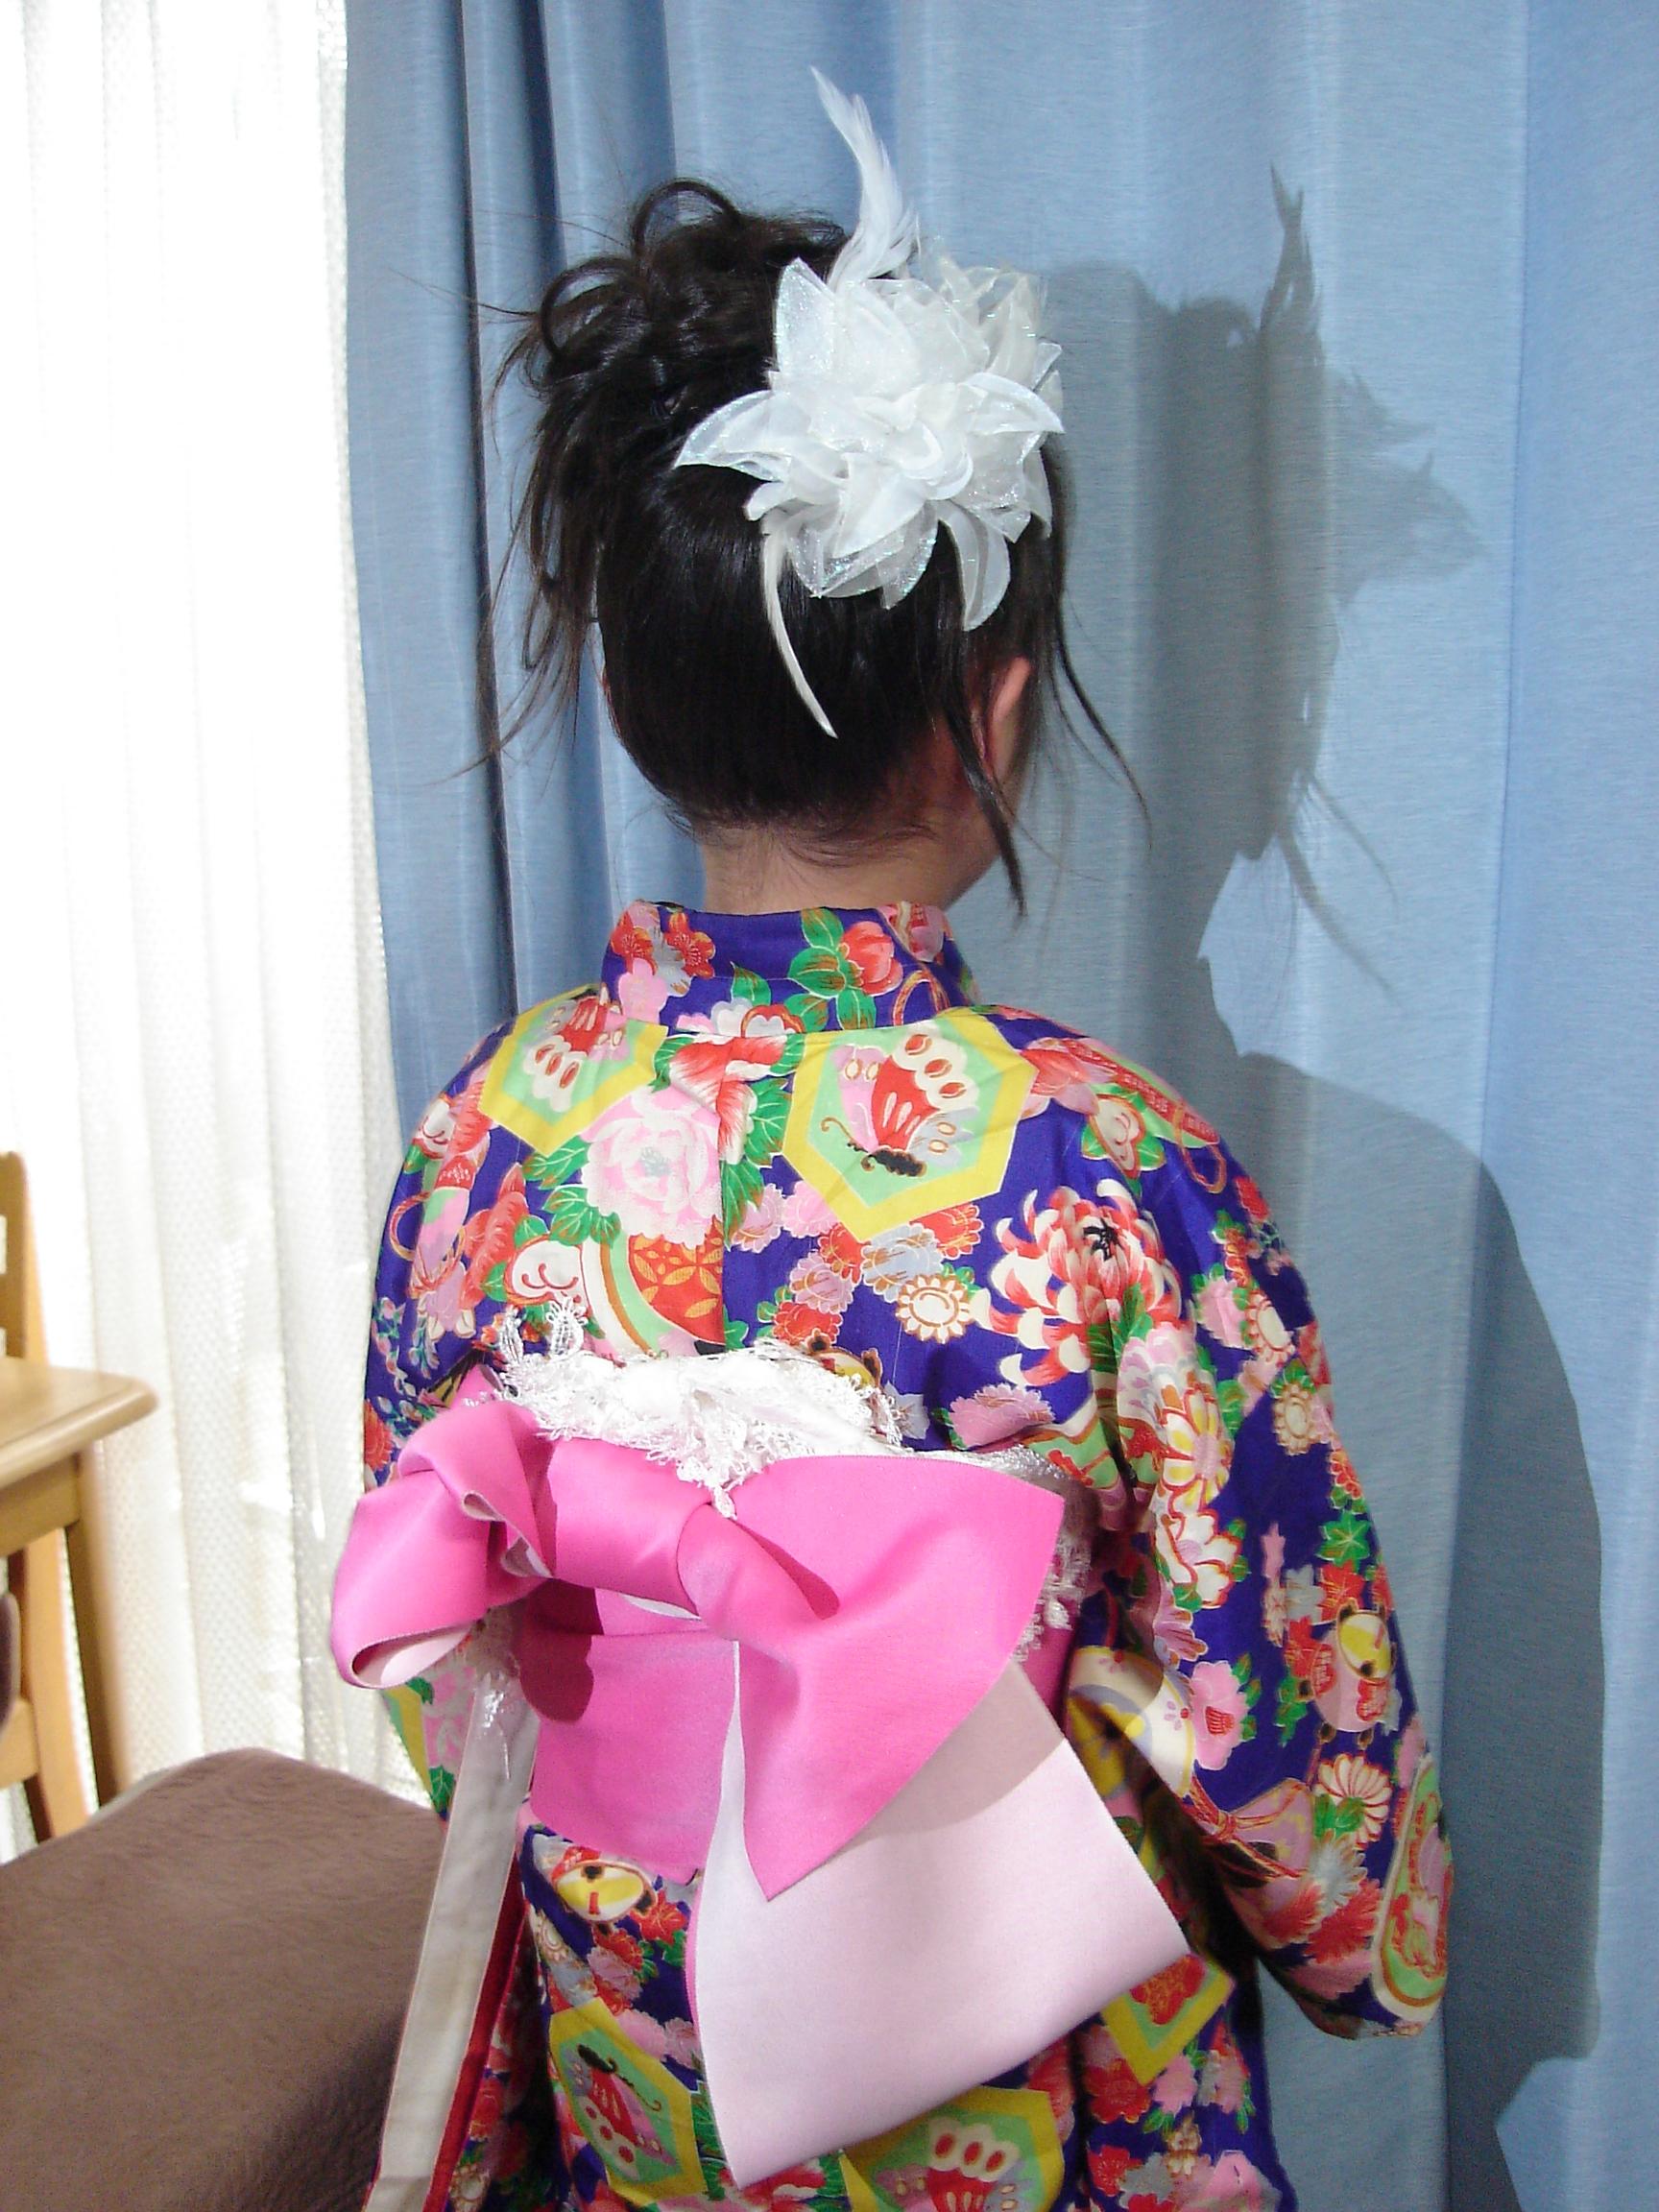 着物は日本の文化!おりがみからの発信です。